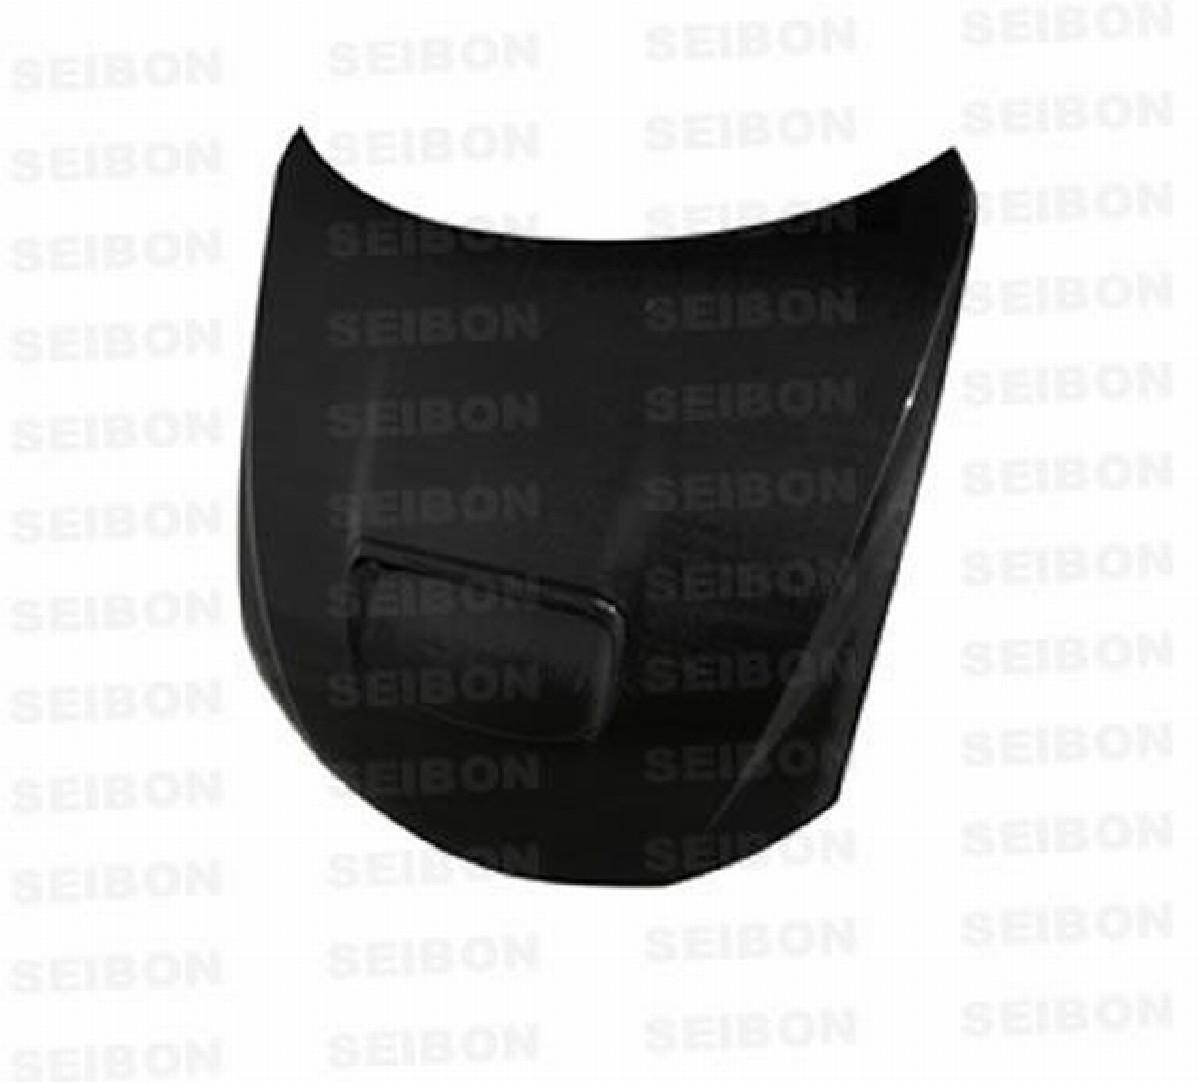 Seibon OEM Carbon Motorhaube Subaru Impreza WRX/STI ab 07